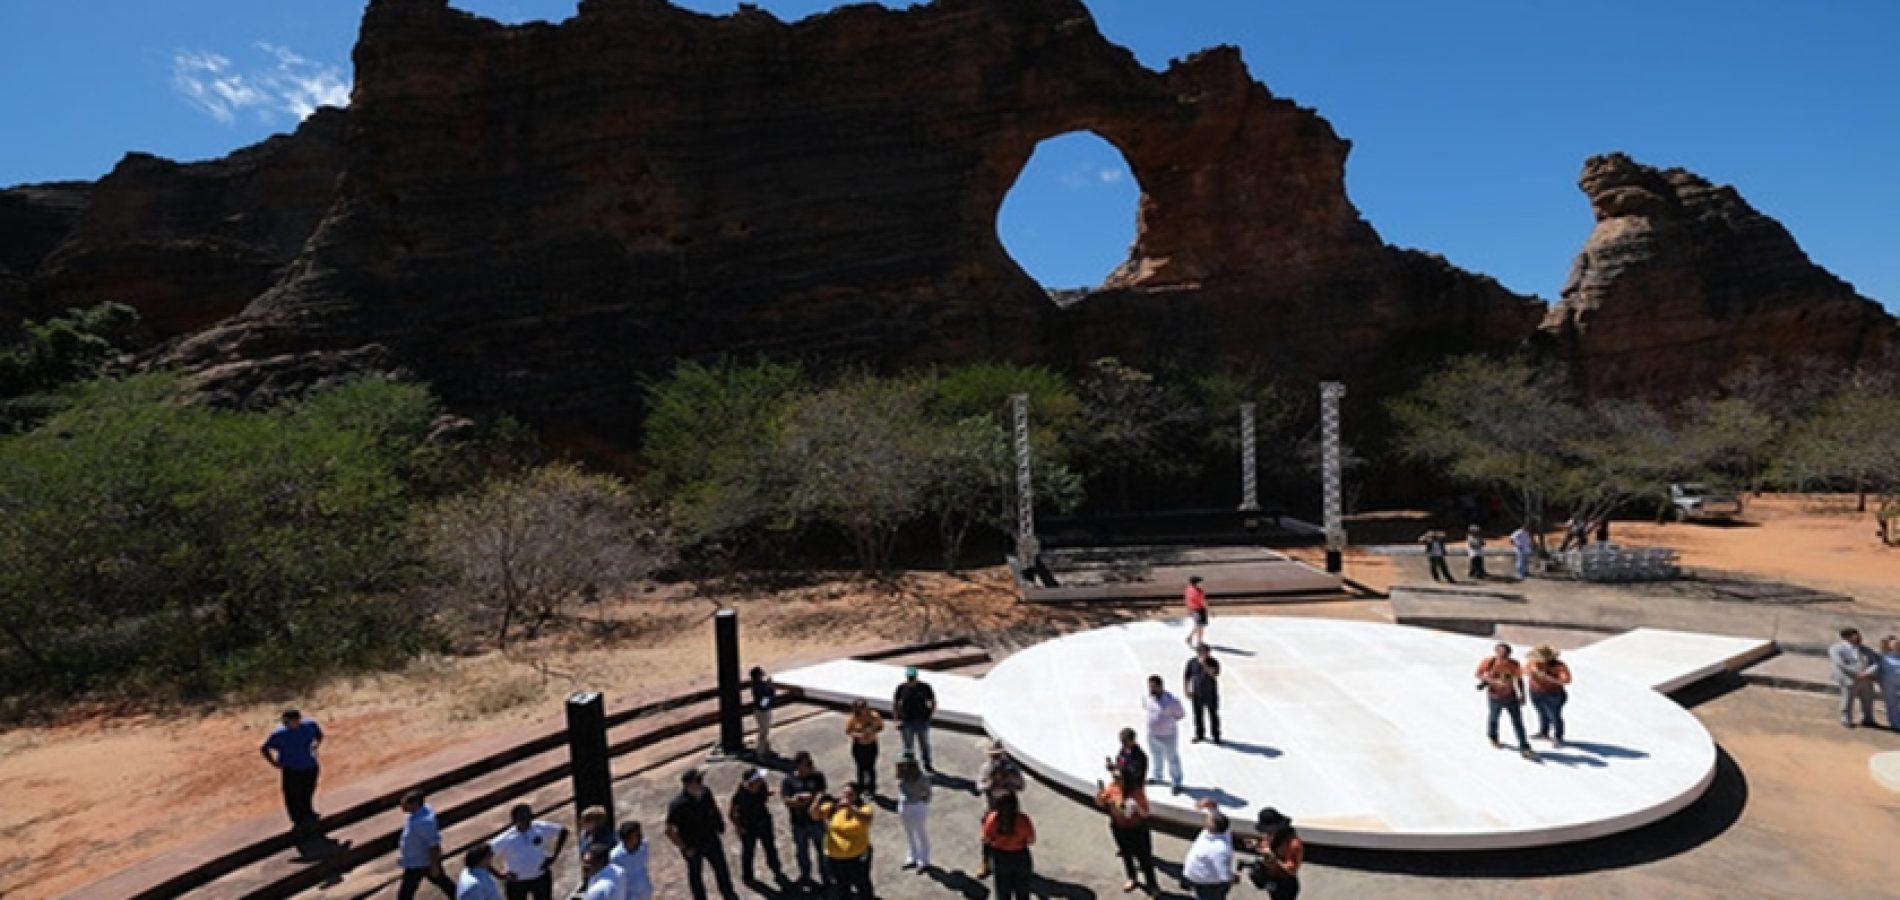 Técnicos do Ministério do Turismo chegam à Serra da Capivara para traçar plano de ações